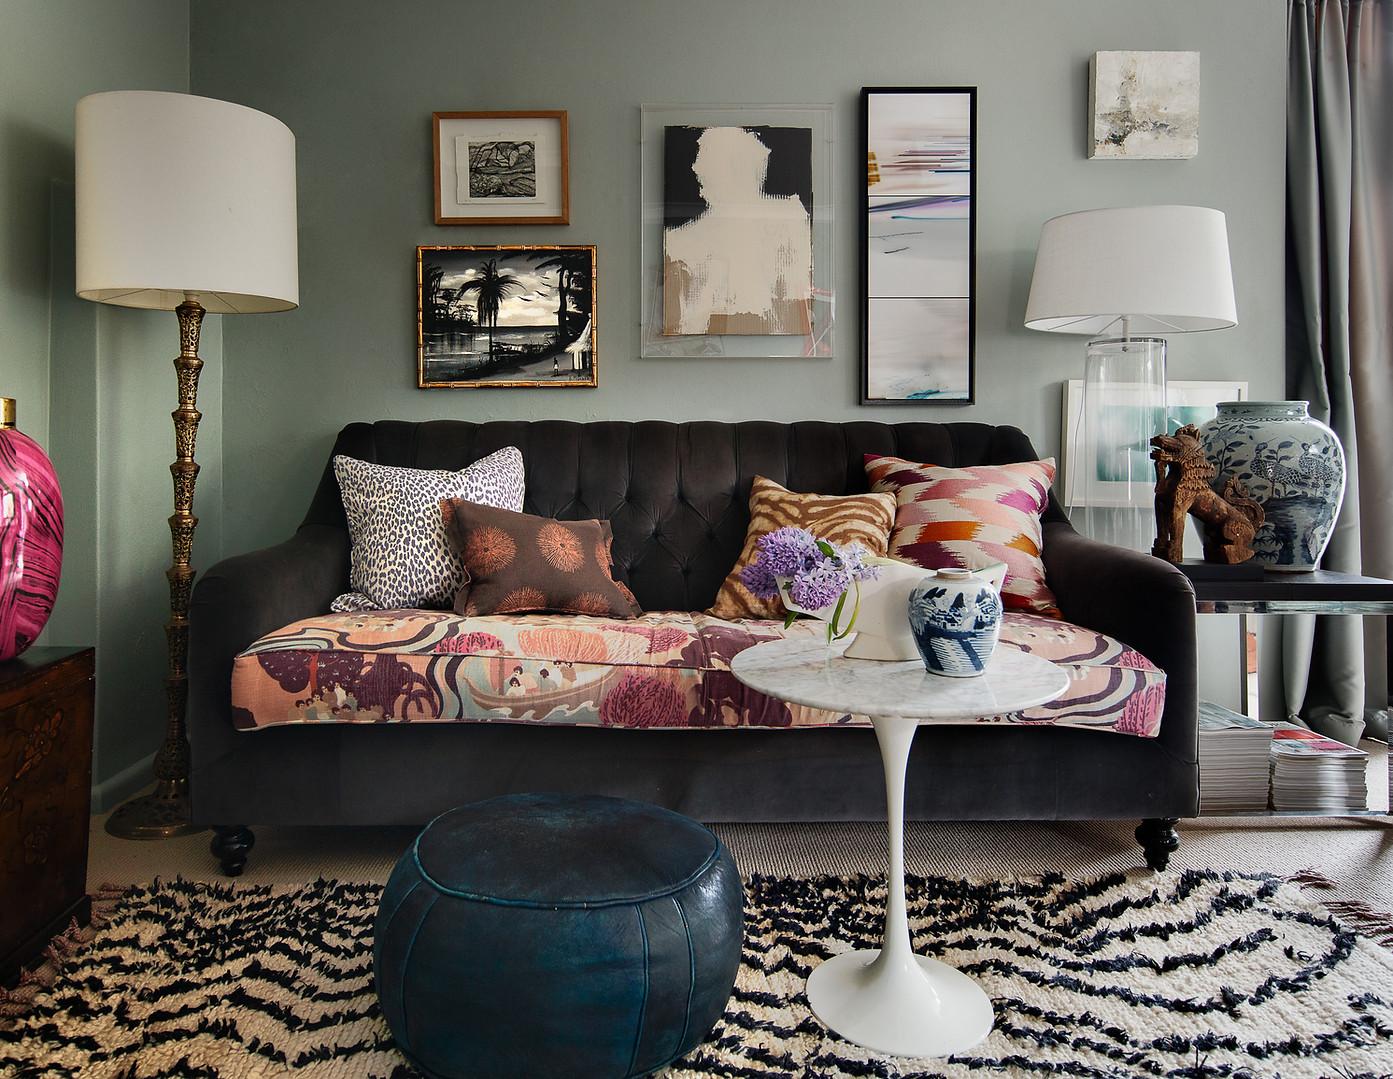 Living Spaces - Karen Akers